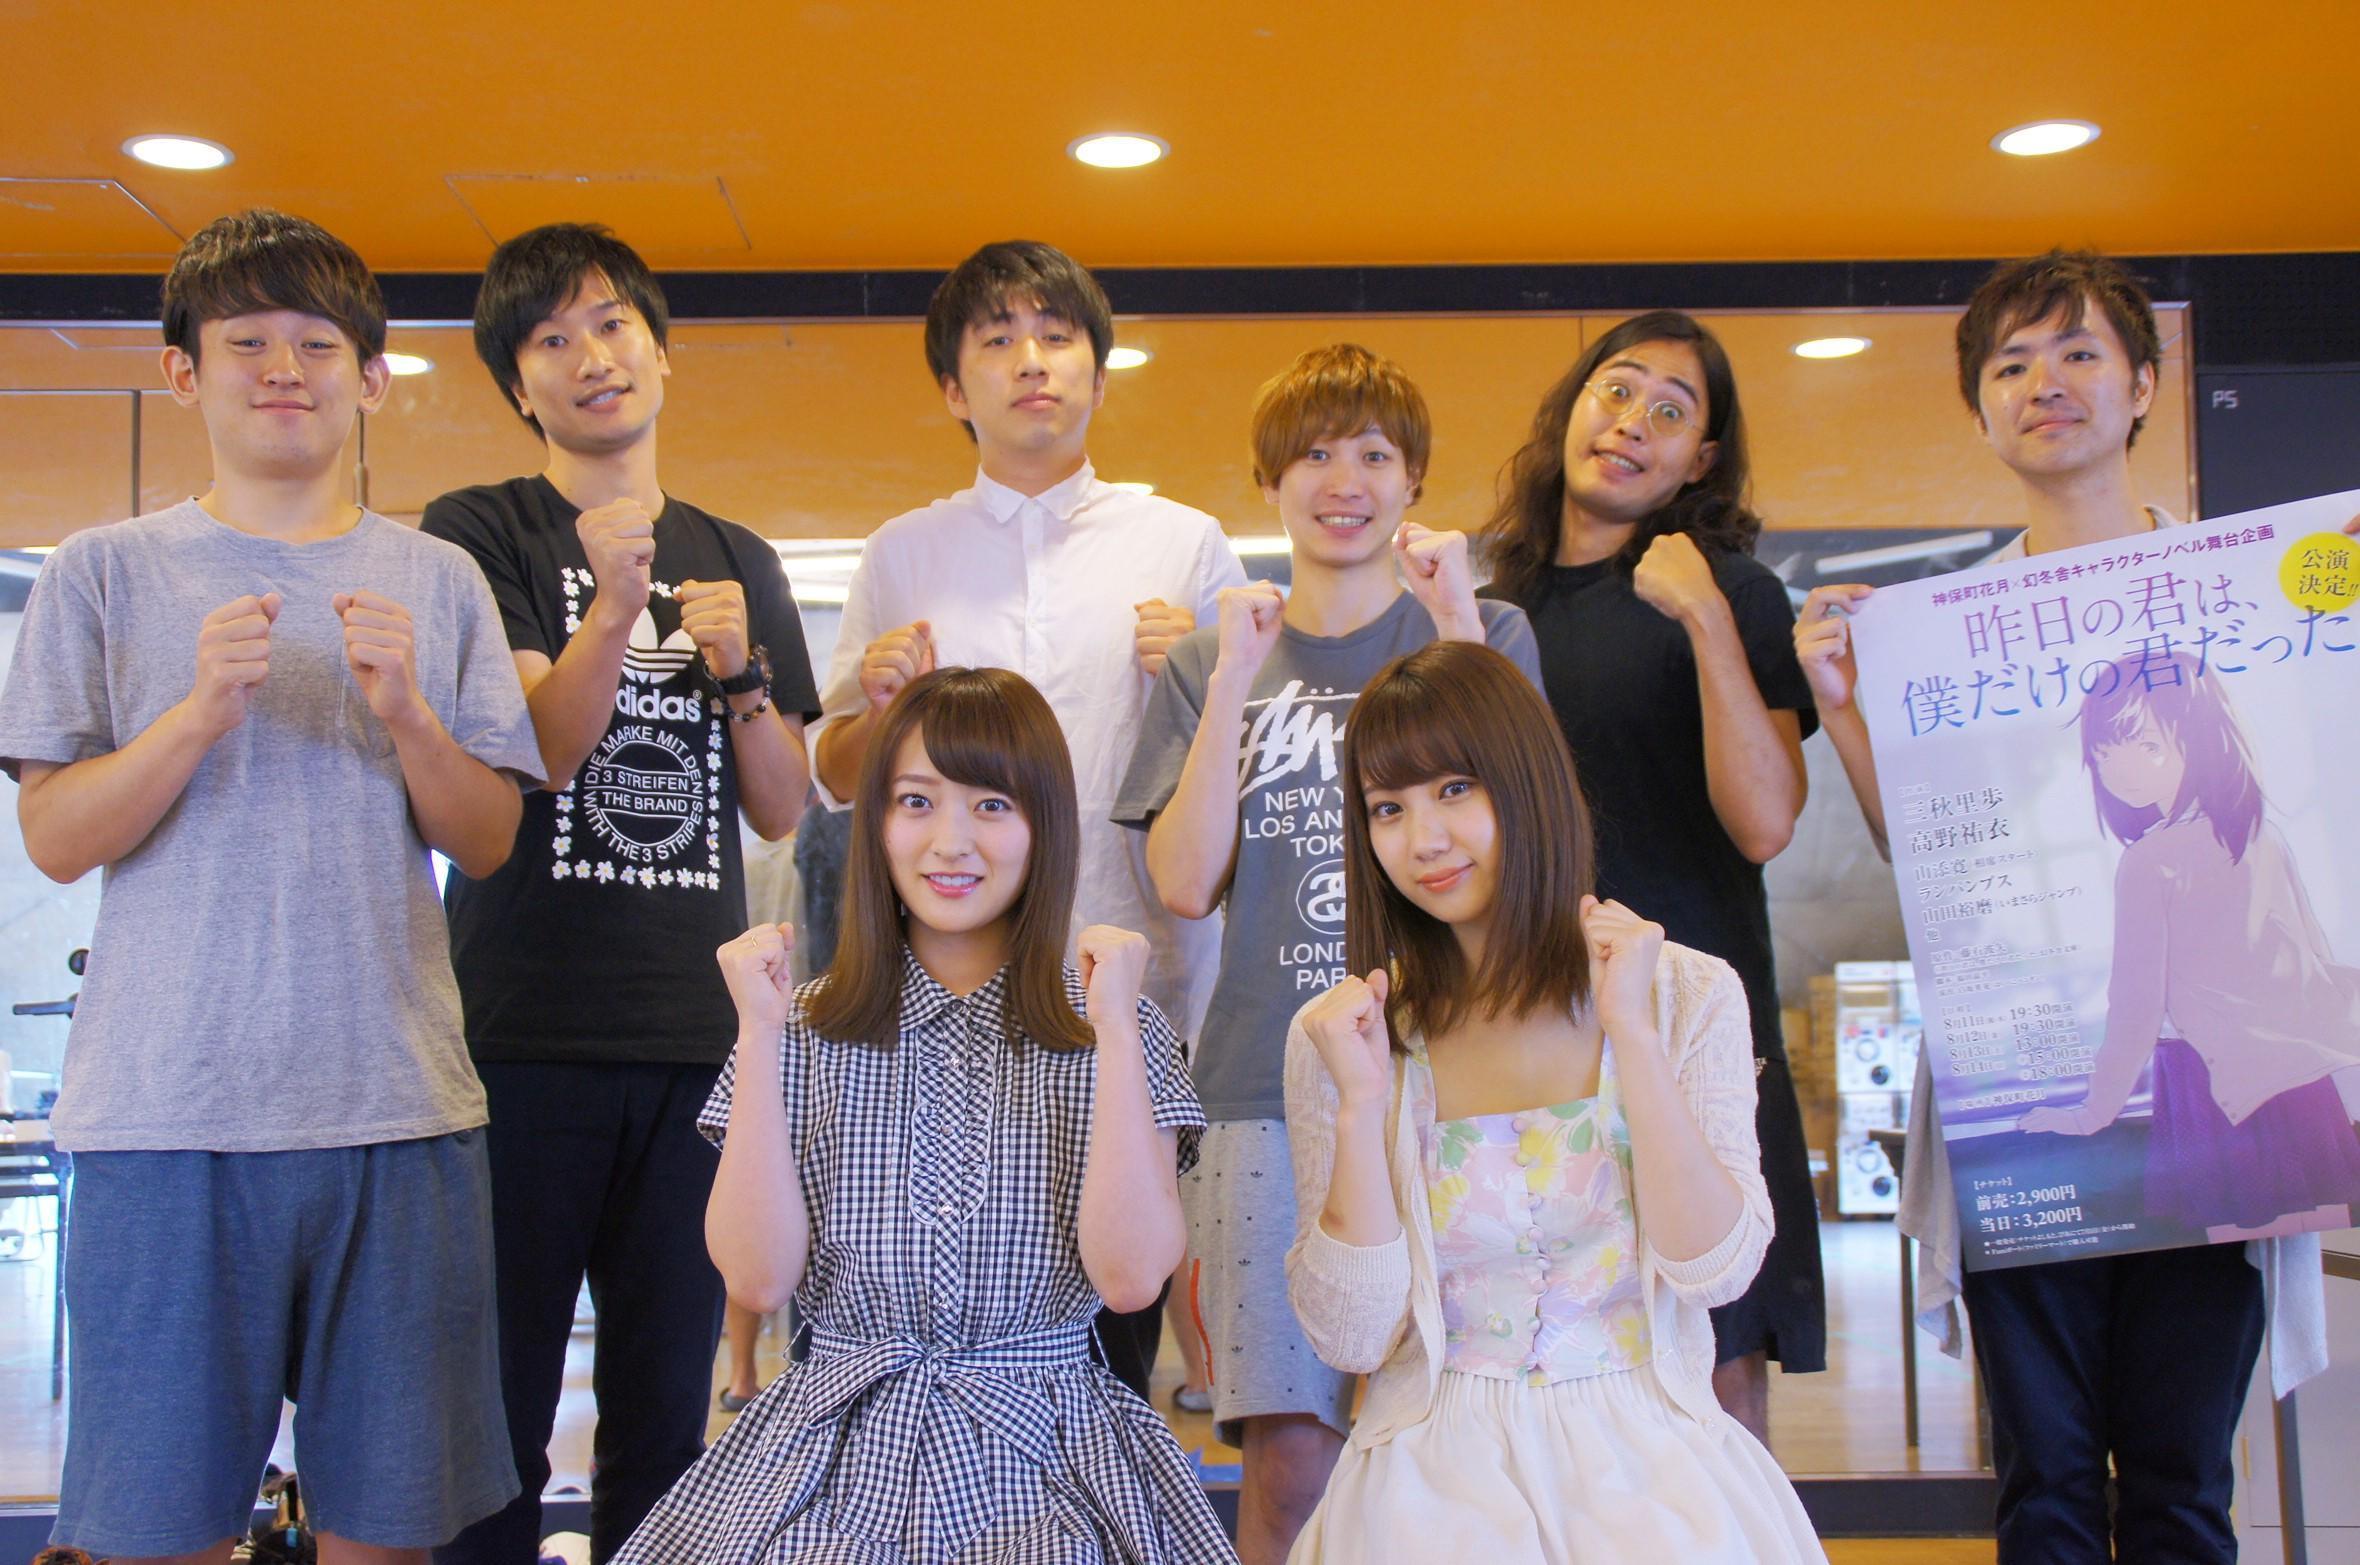 http://news.yoshimoto.co.jp/20160721174125-7d837855654a5c8ea6b556049a1cd1b349f64a9d.jpg